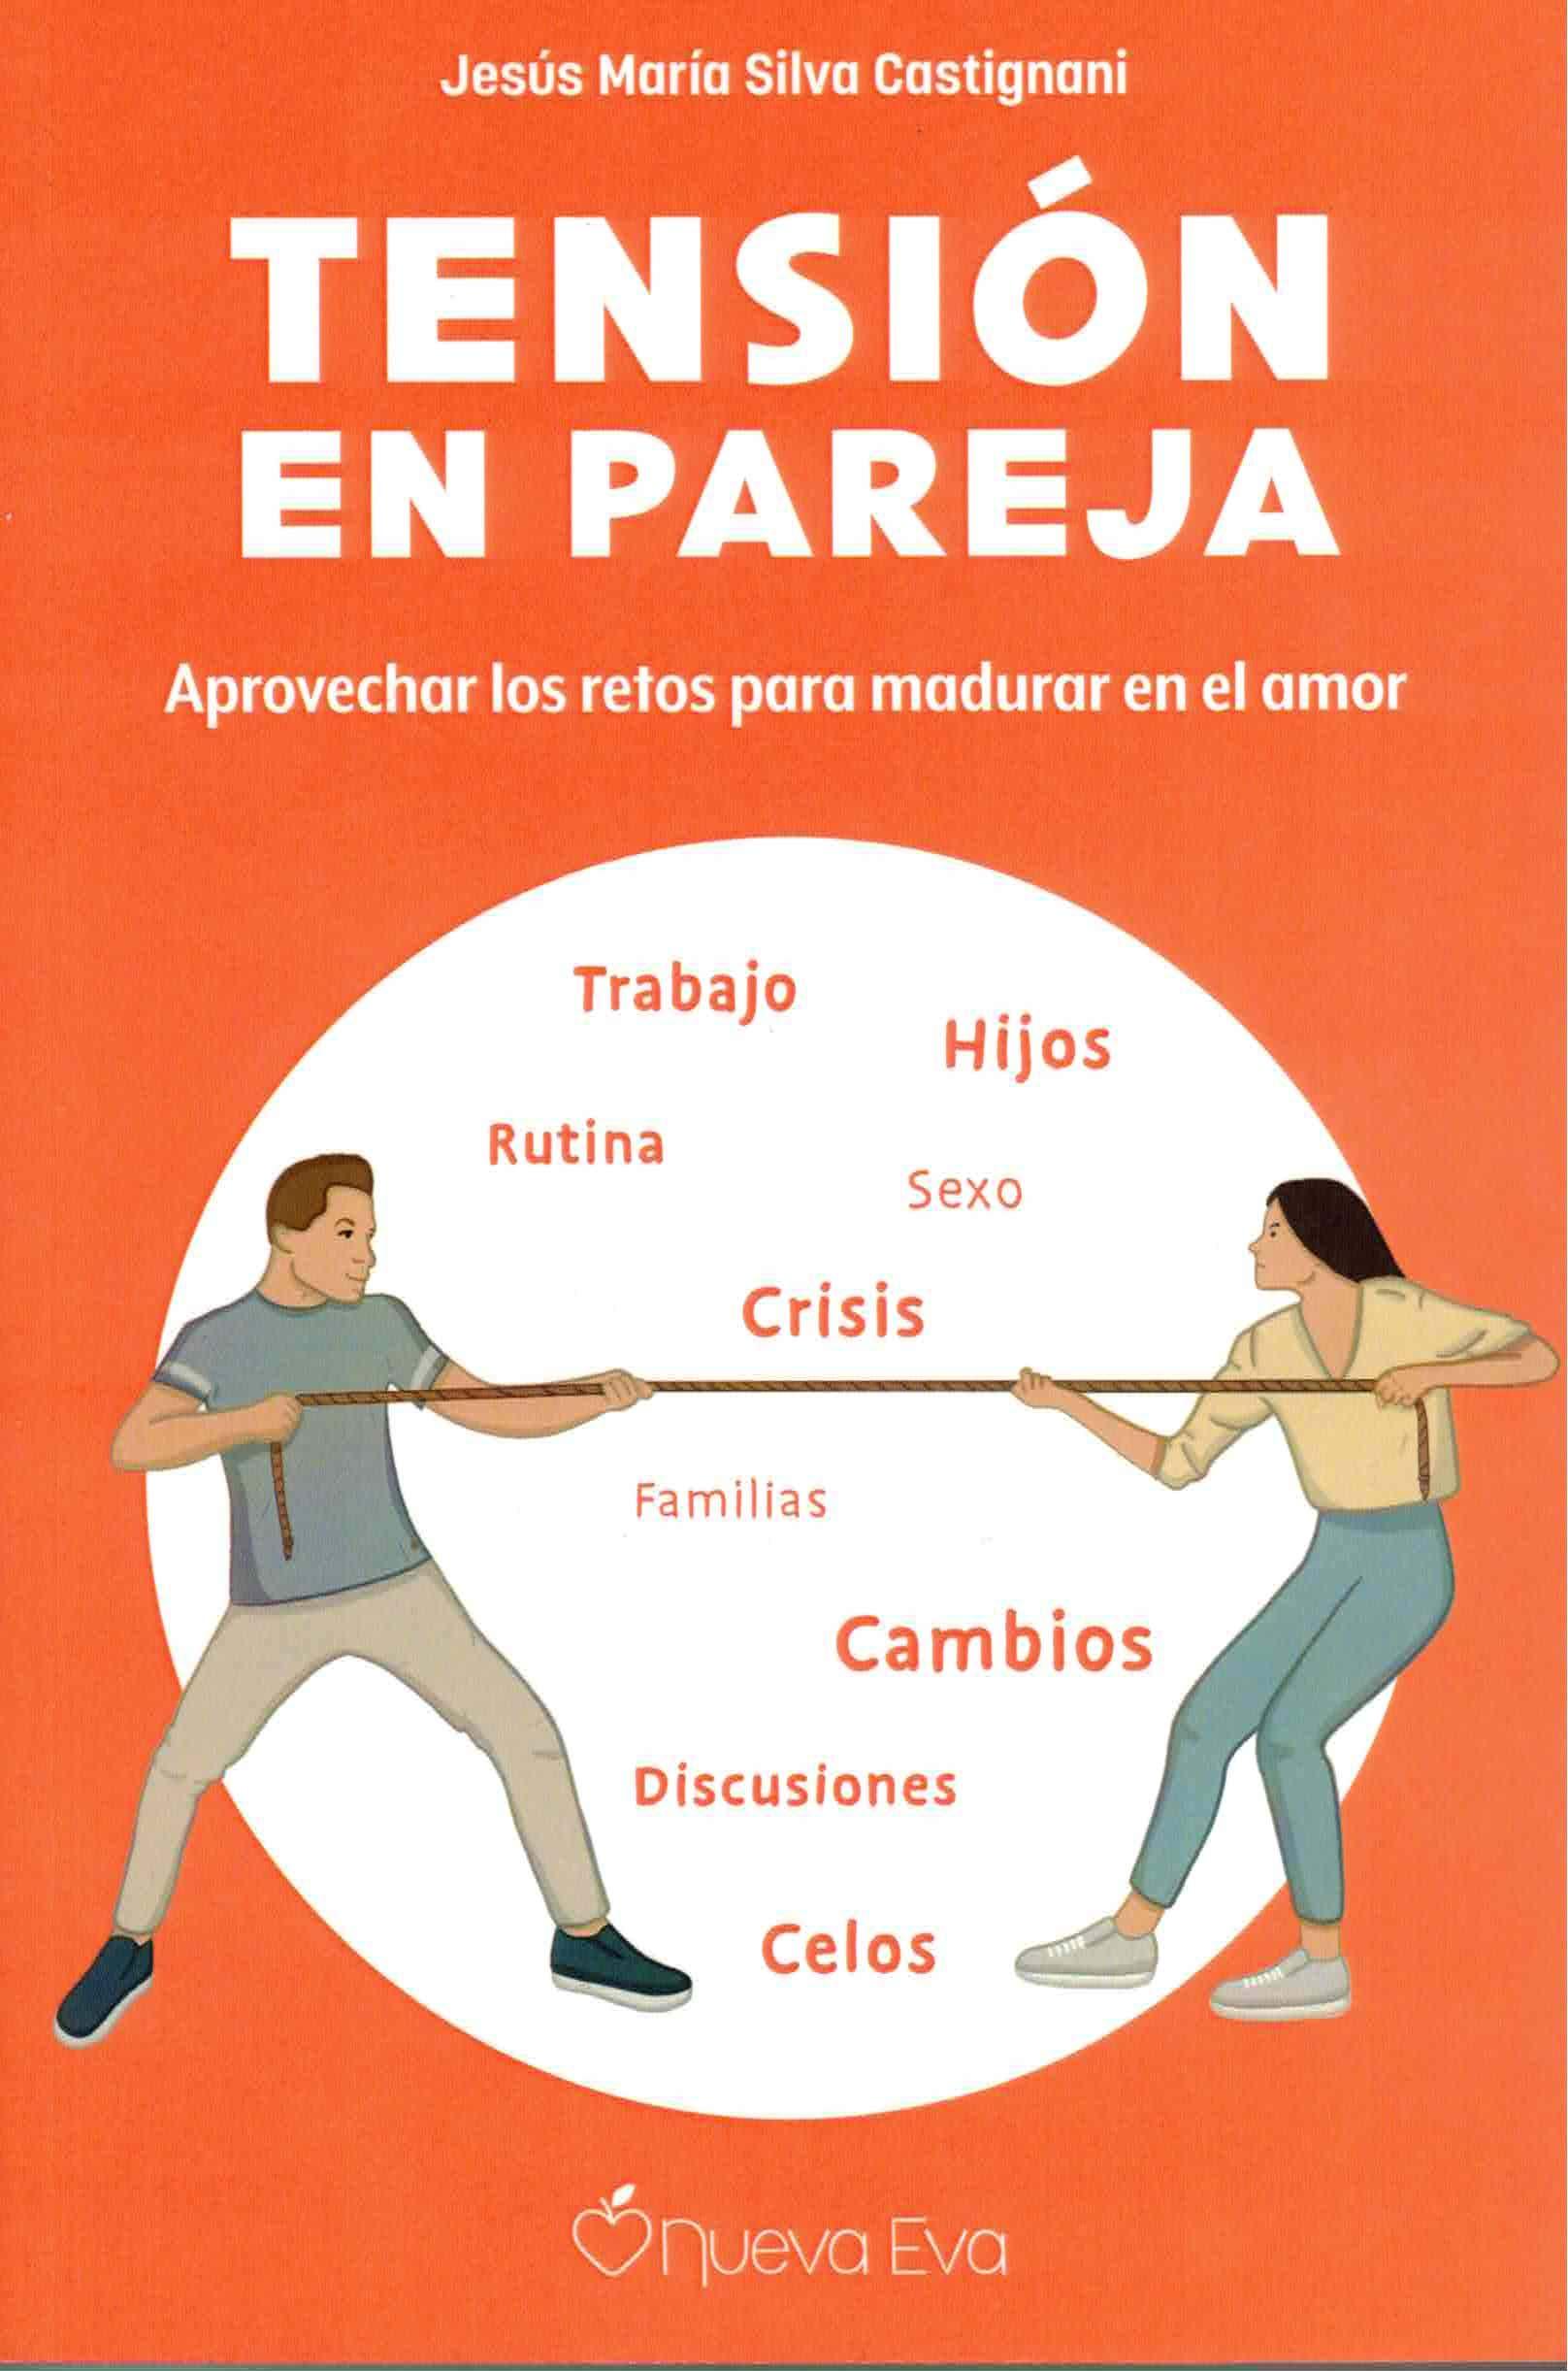 Tensión En Pareja Aprovechar Los Retos Para Madurar En El Amor Spanish Edition Silva Castignani Jesús María 9788412244977 Books